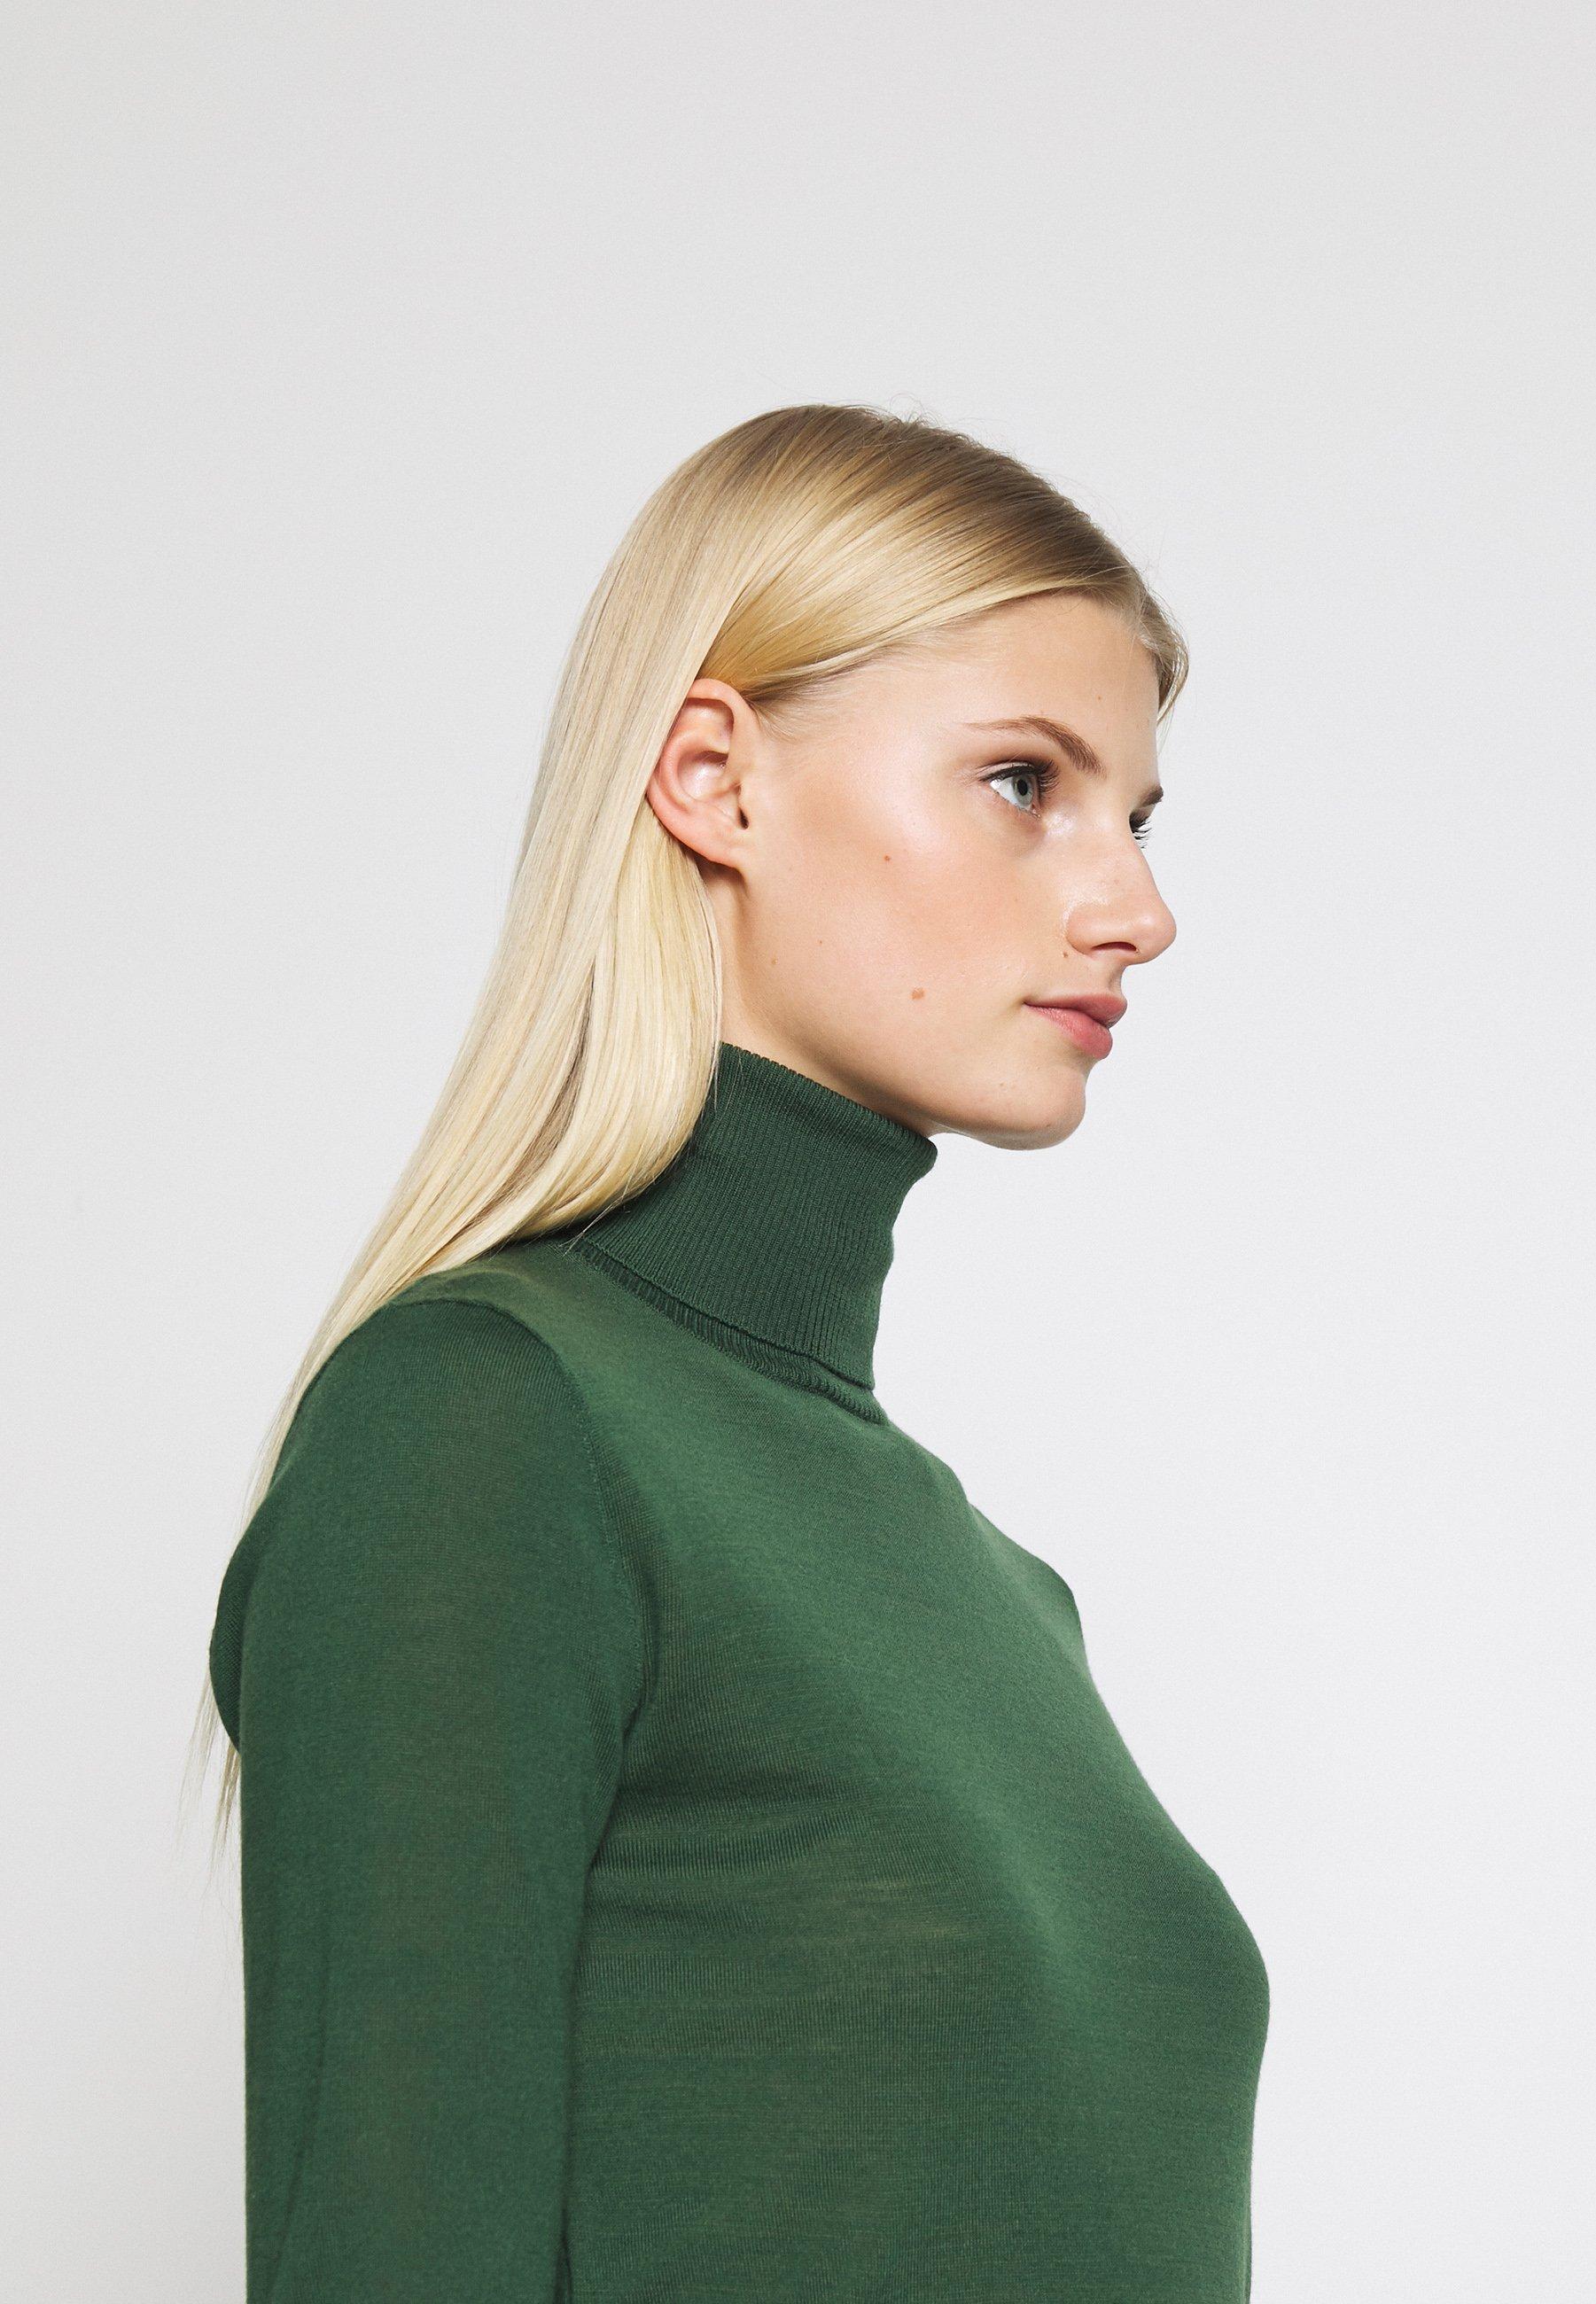 Green Whitney polo  DAY Birger et Mikkelsen  Gensere - Dameklær er billig